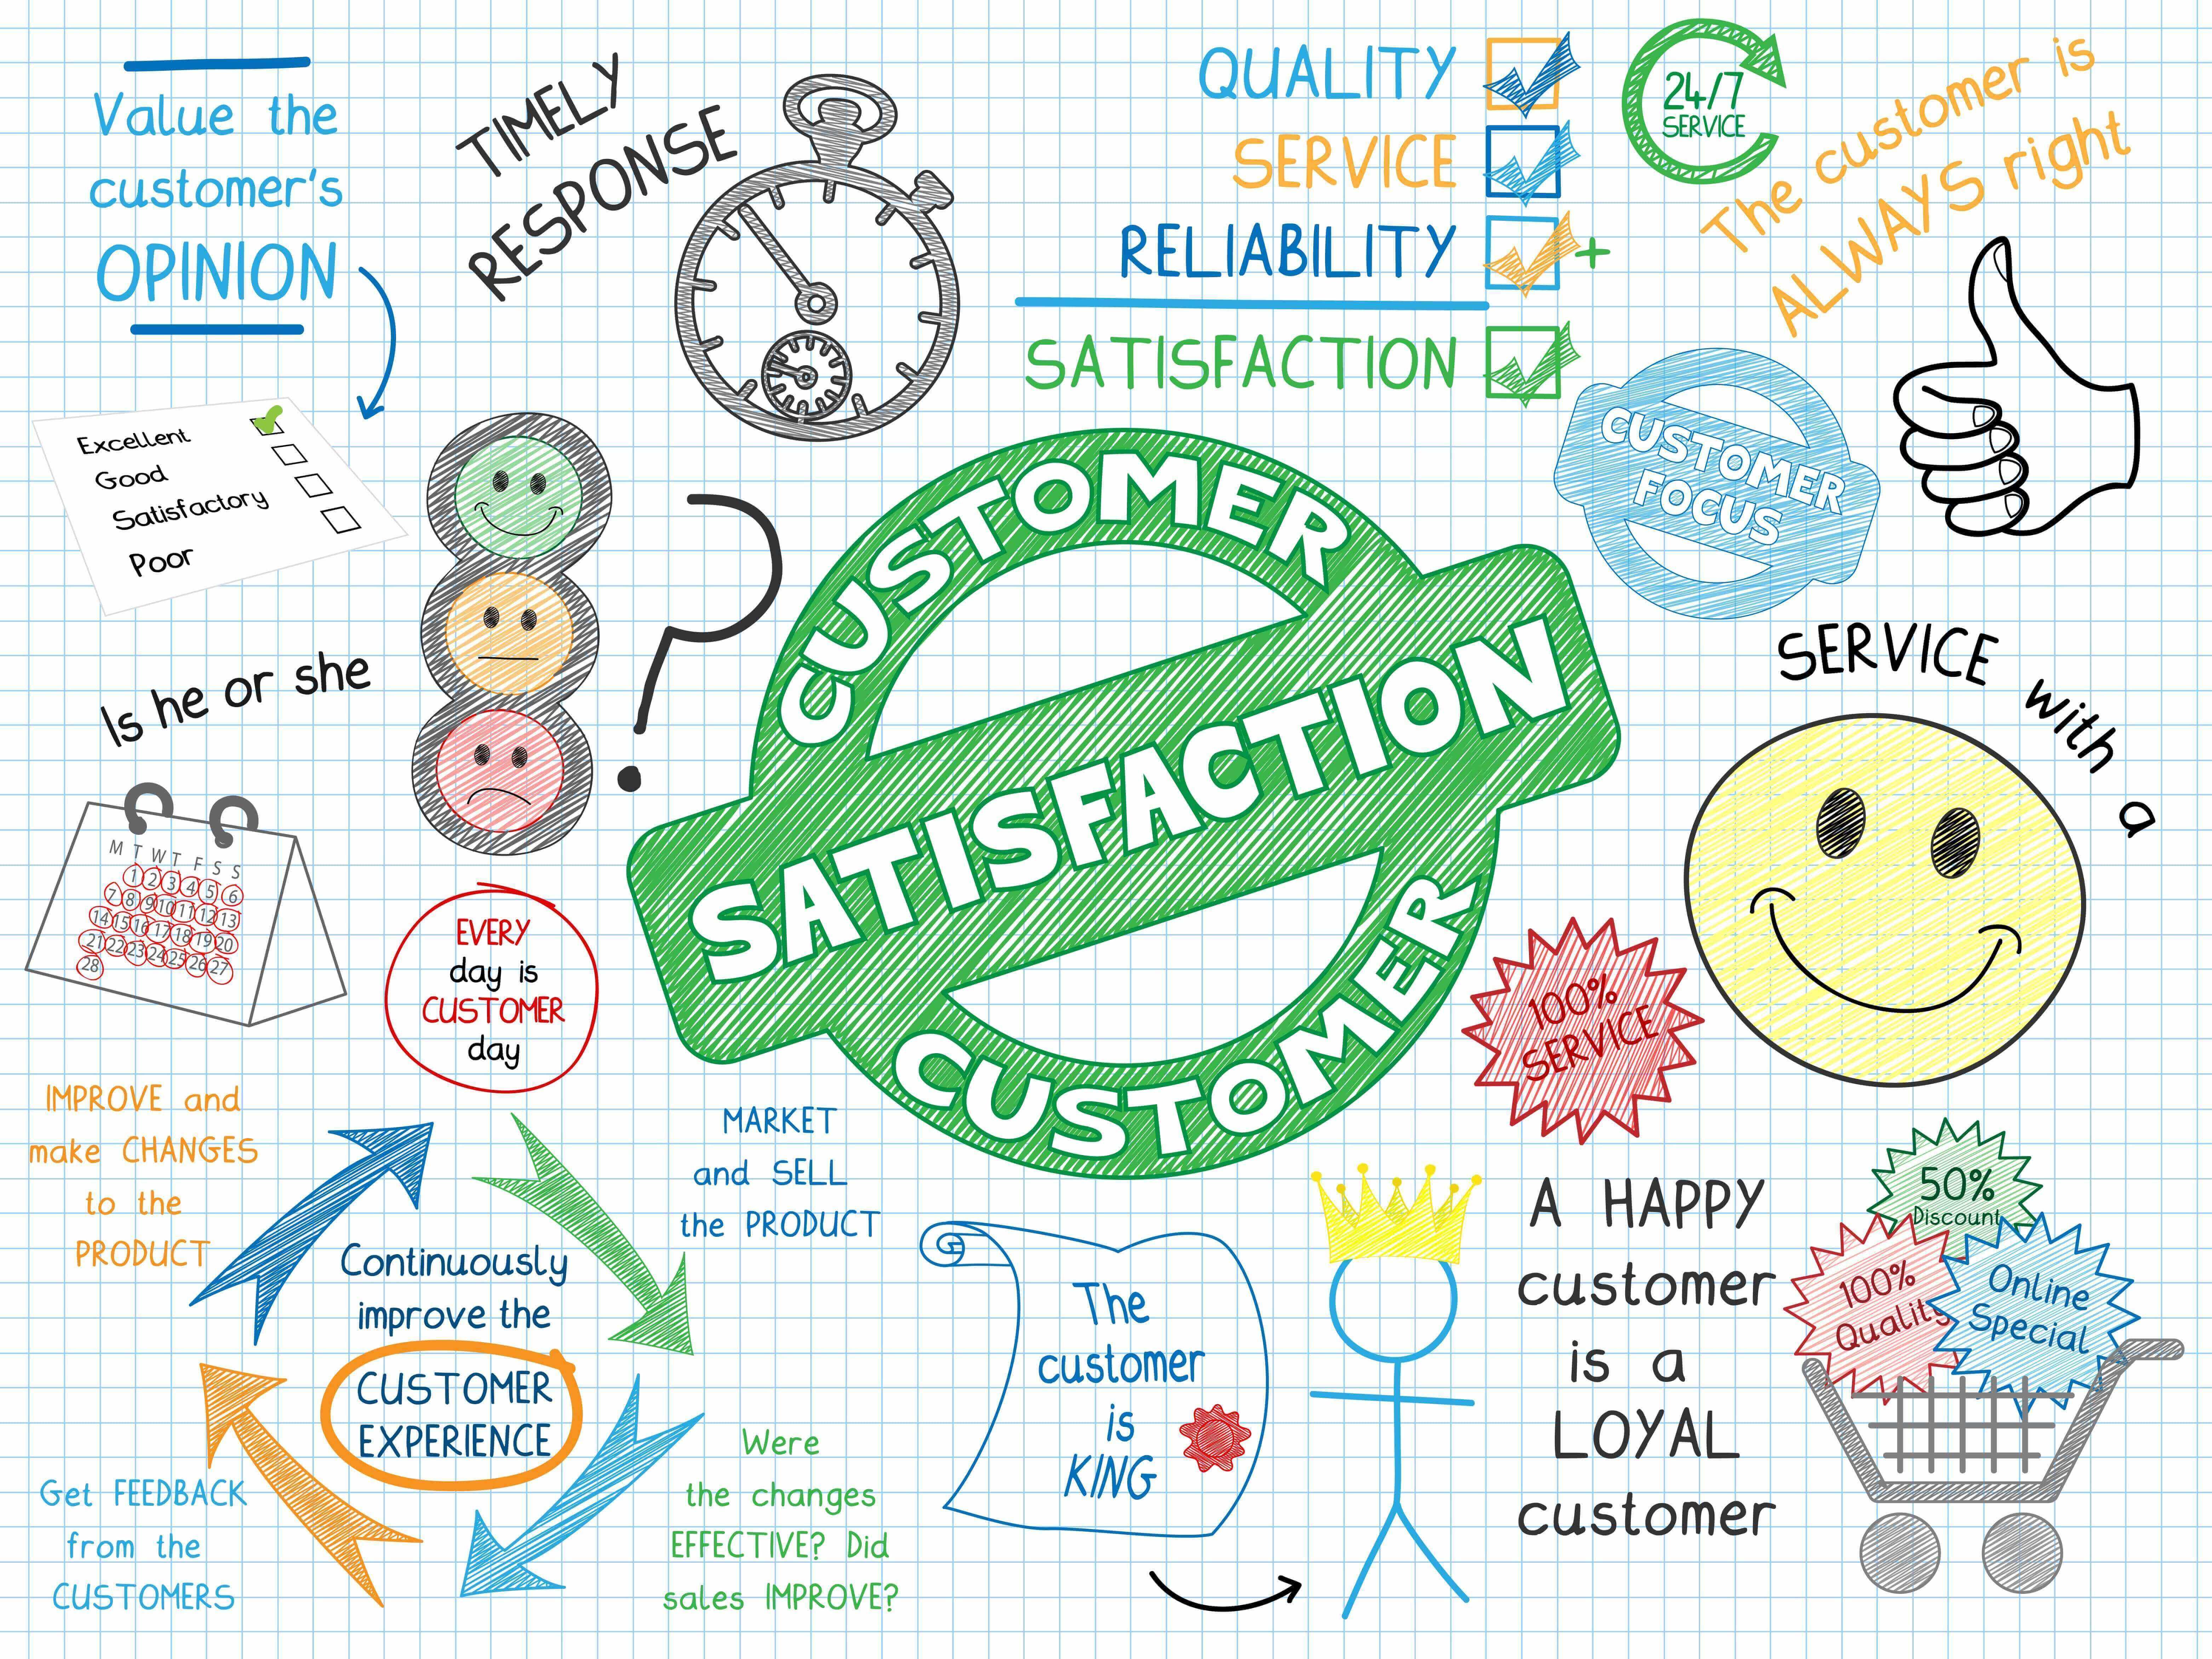 Ingredients of satisfied customers